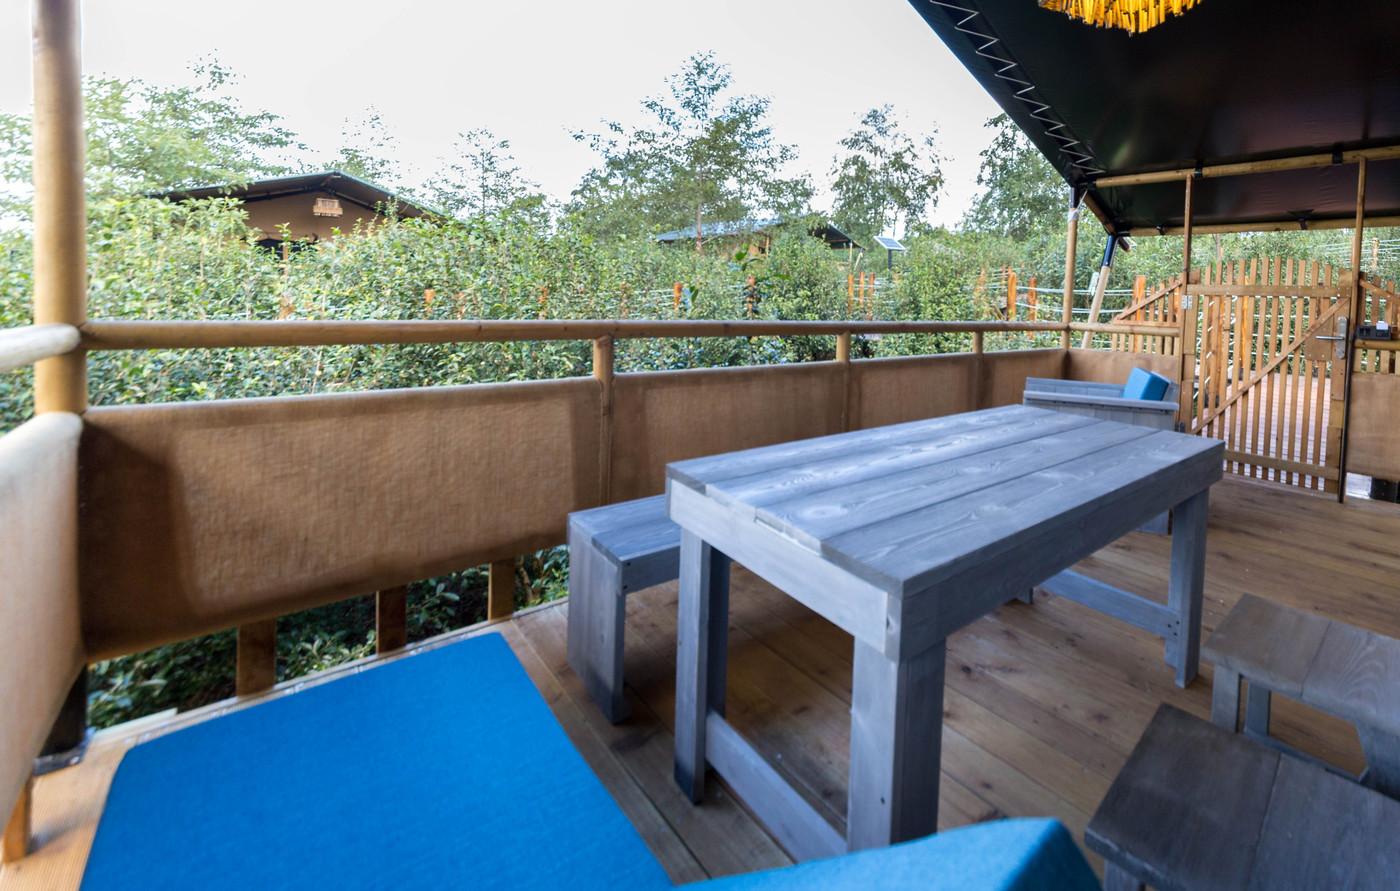 喜马拉雅野奢帐篷酒店—云南腾冲高黎贡山茶博园15